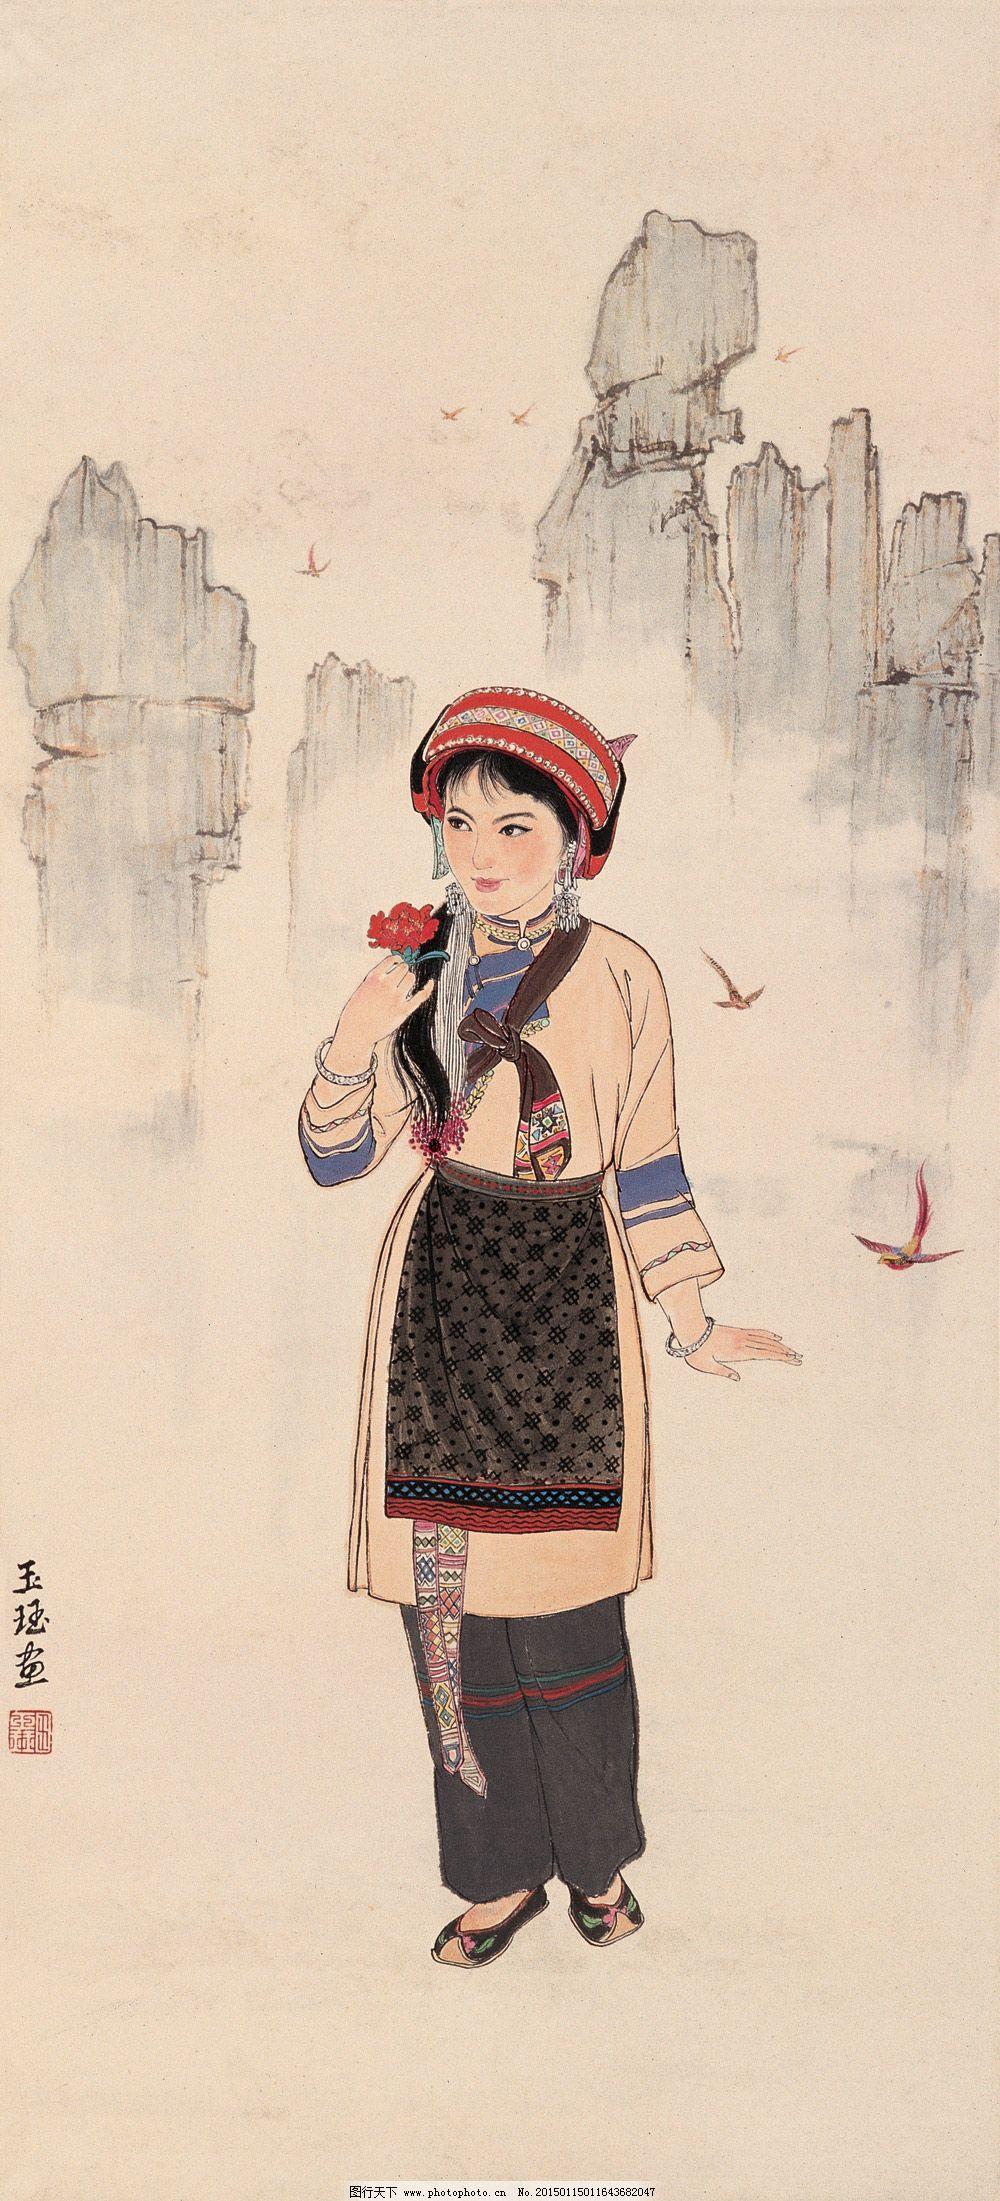 中国画 中国画 立轴 工笔人物画 民族风情 云南彝族民间传说人物 王玉